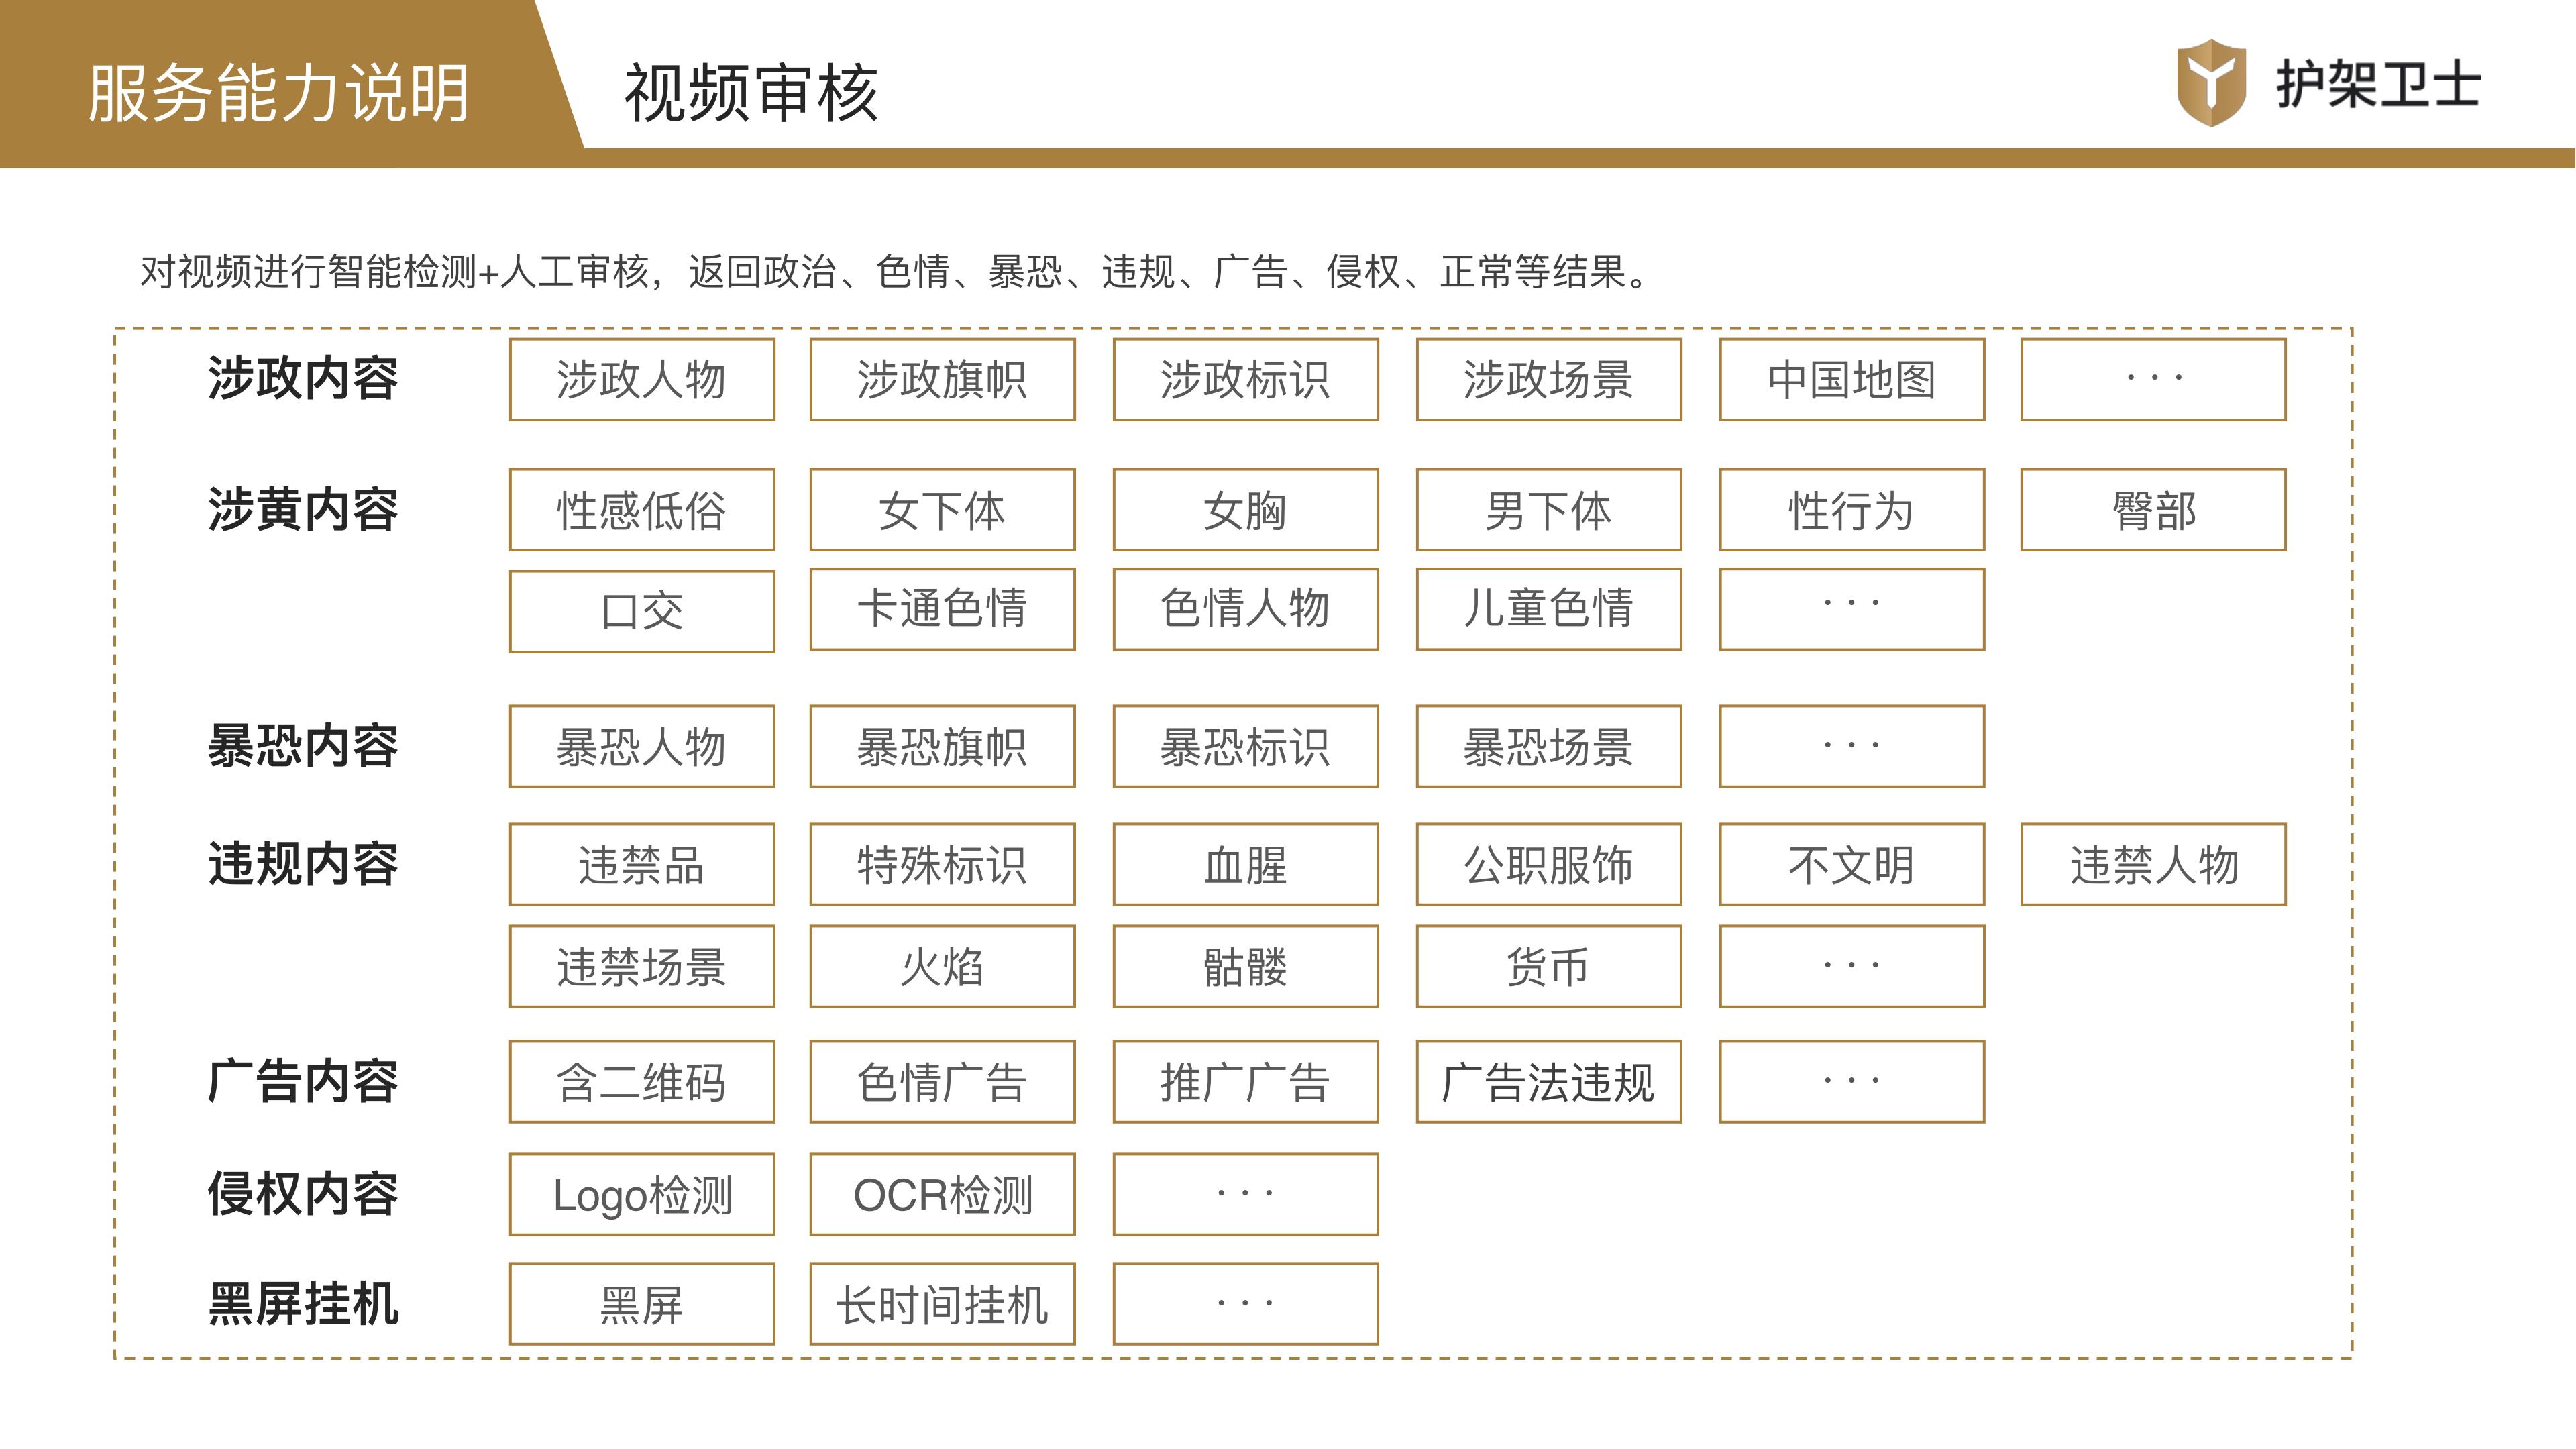 护架卫士产品介绍1.2_10.png